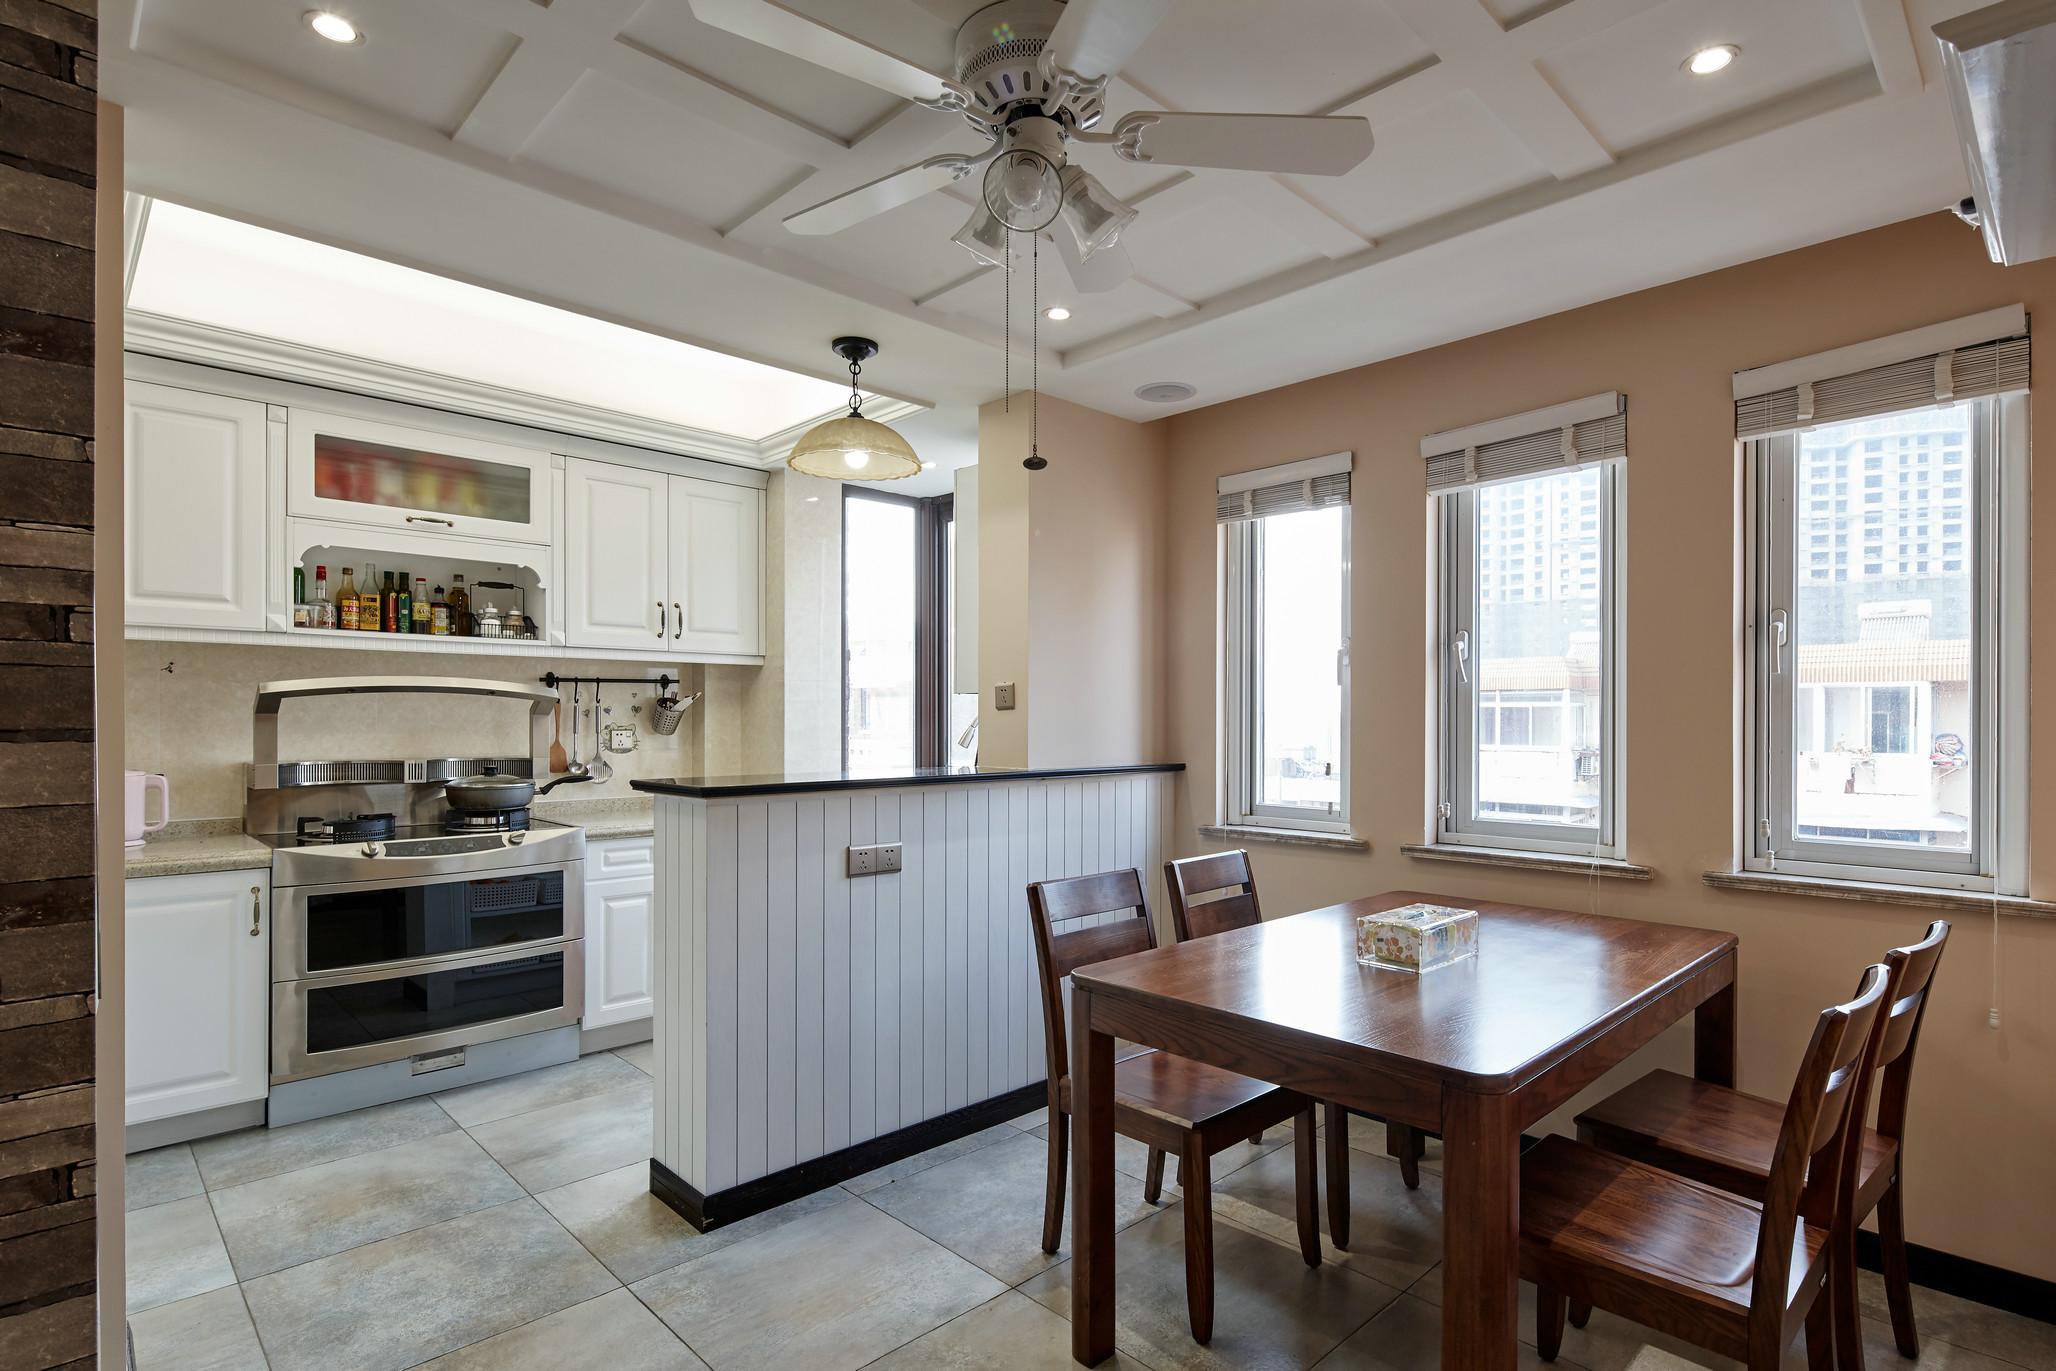 餐厅可厨房是一体式。都是开放式的拉长空间视觉感